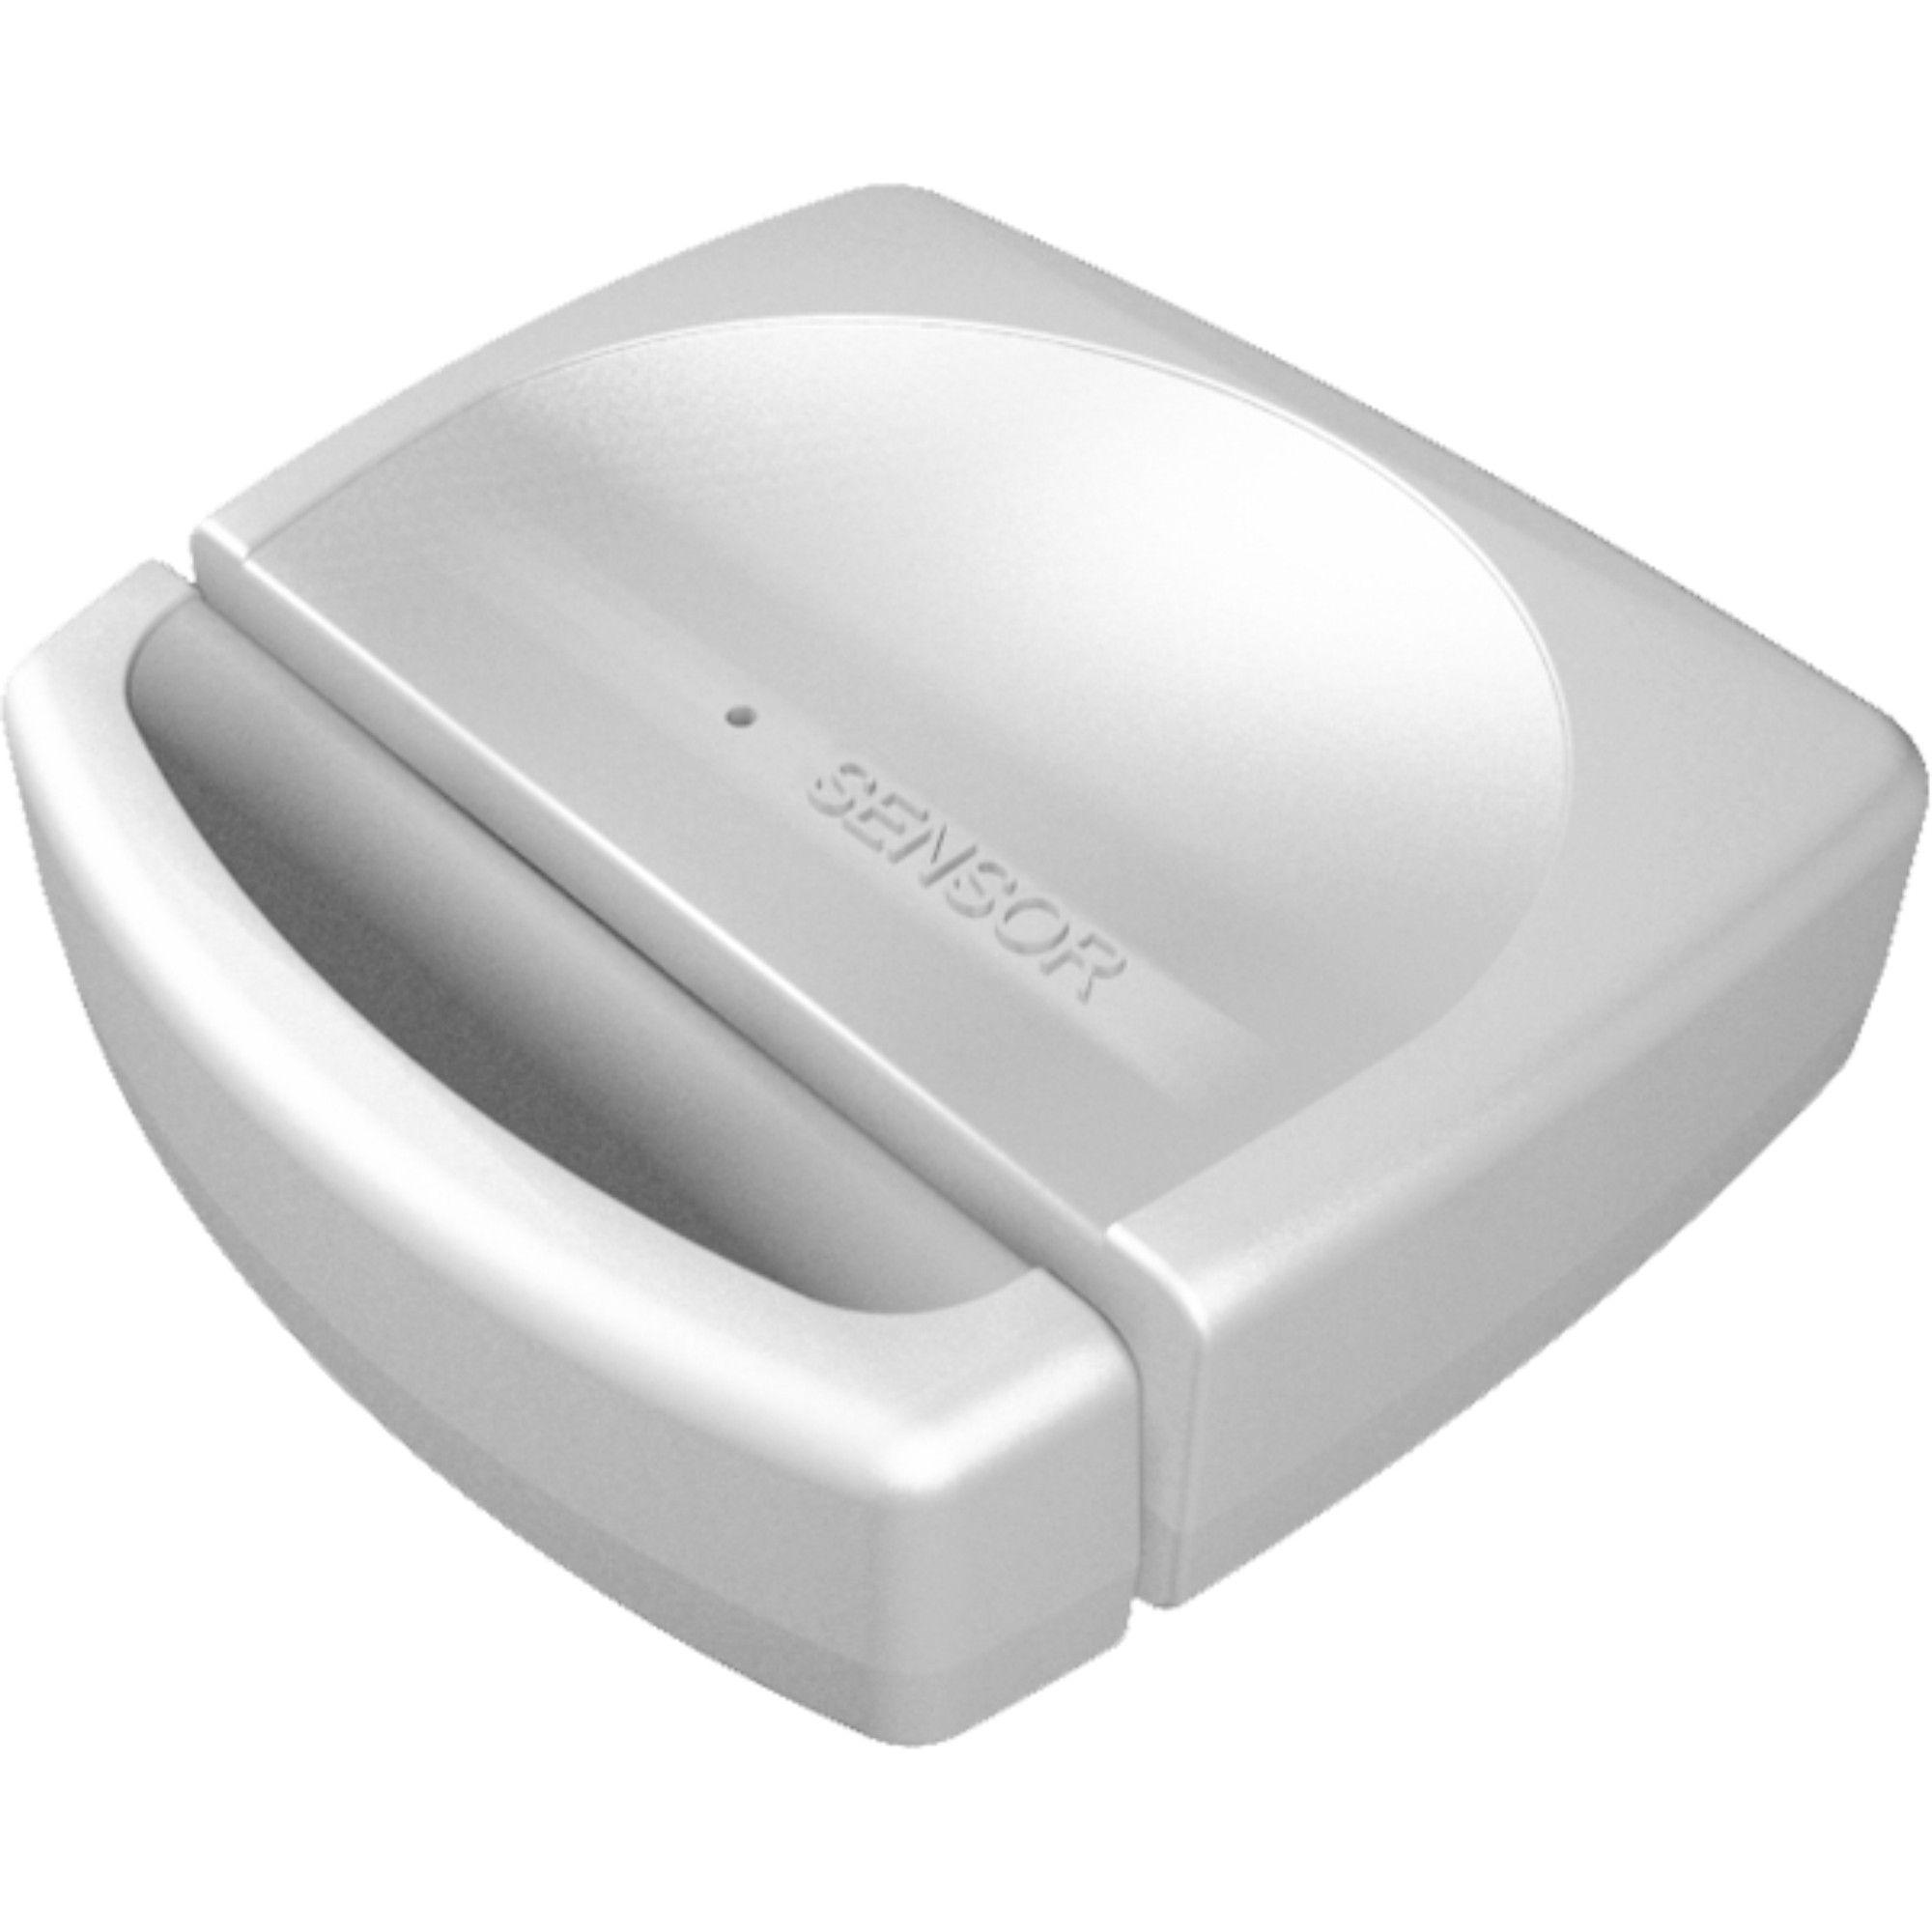 Sensor Magnético Sem Fio Sm-lithium TEM 433mhz